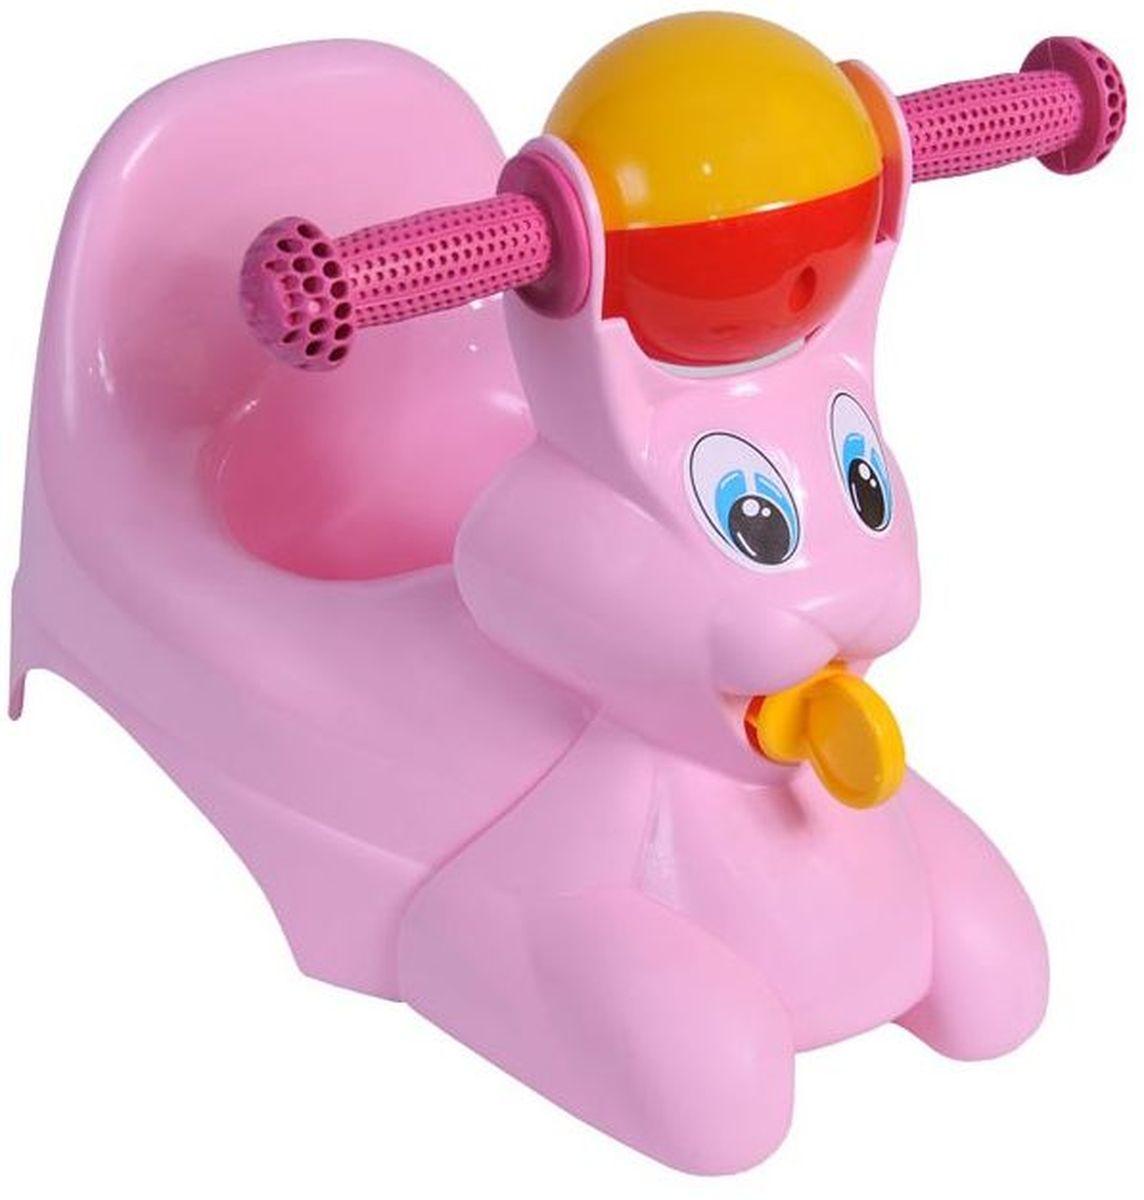 Little Angel Горшок-игрушка Зайчик цвет розовыйLA2710RSВеселое развлечение может иметь место, даже когда ребенок сидит на горшке. В этом поможет наш детский горшок-игрушка в виде зайчика. Красивые, большие глазки уже наклеены на фигурку, которая крепится к корпусу горшка с помощью специального держателя. Игрушка легко снимается – это позволяет мыть горшок и фигурку отдельно, а также использовать горшок без игрушки. Две ручки выполнены из мягкого пластика, поэтому ваш ребенок не поранится. Разноцветная погремушка перед глазами ребенка сконцентрирует его внимание.